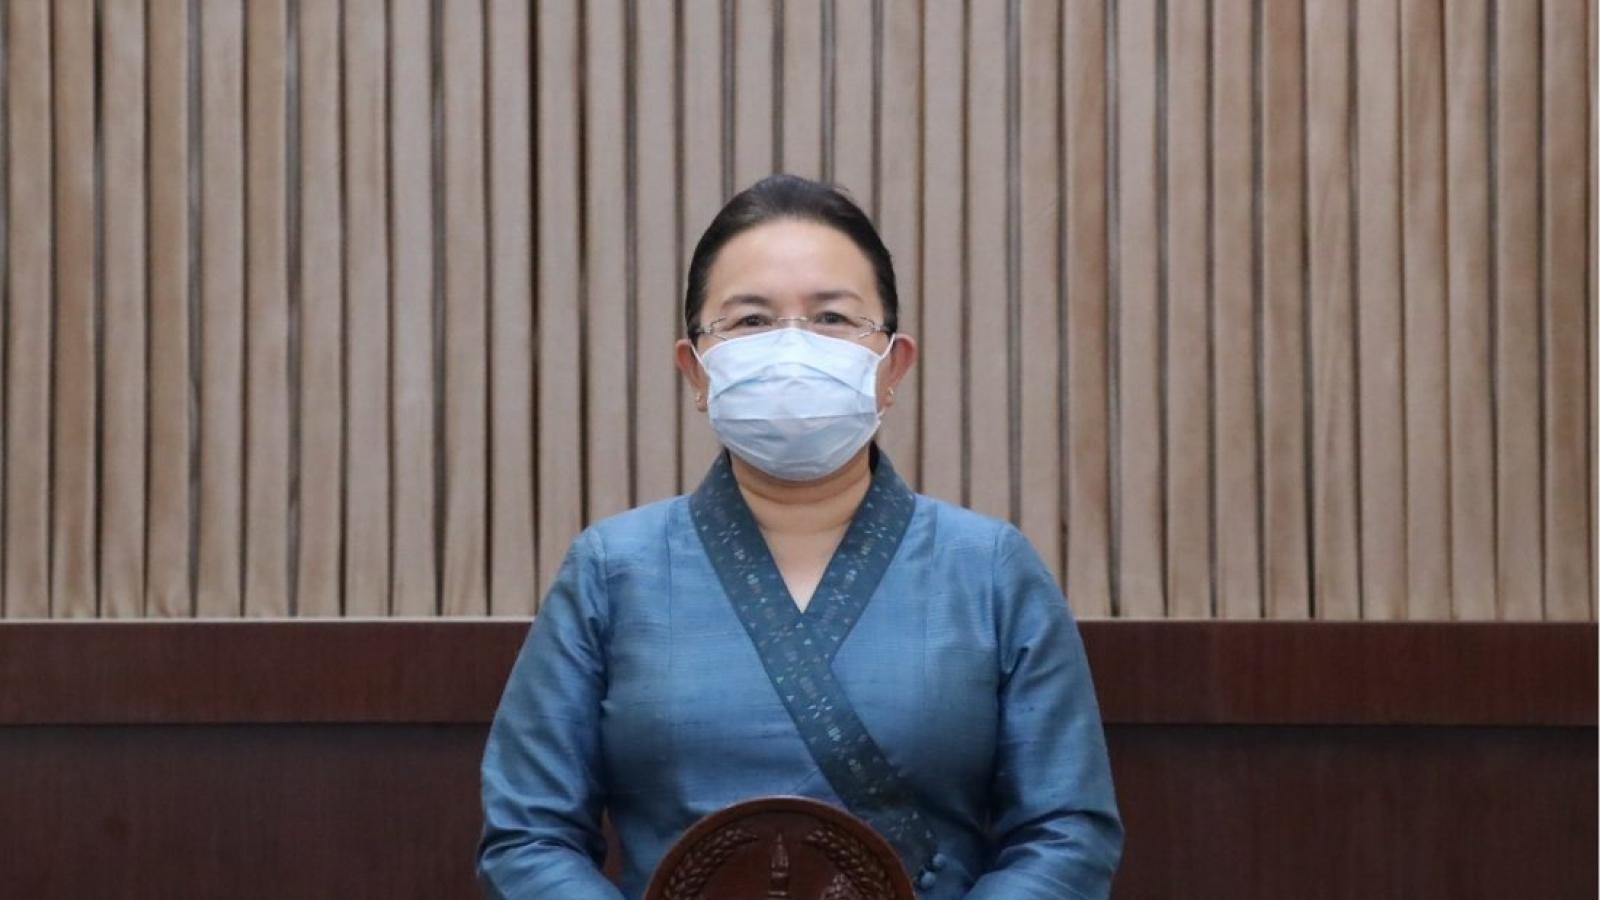 Lào gia hạn phong toả thủ đô Vientiane lần thứ 4 để chống dịch Covid-19